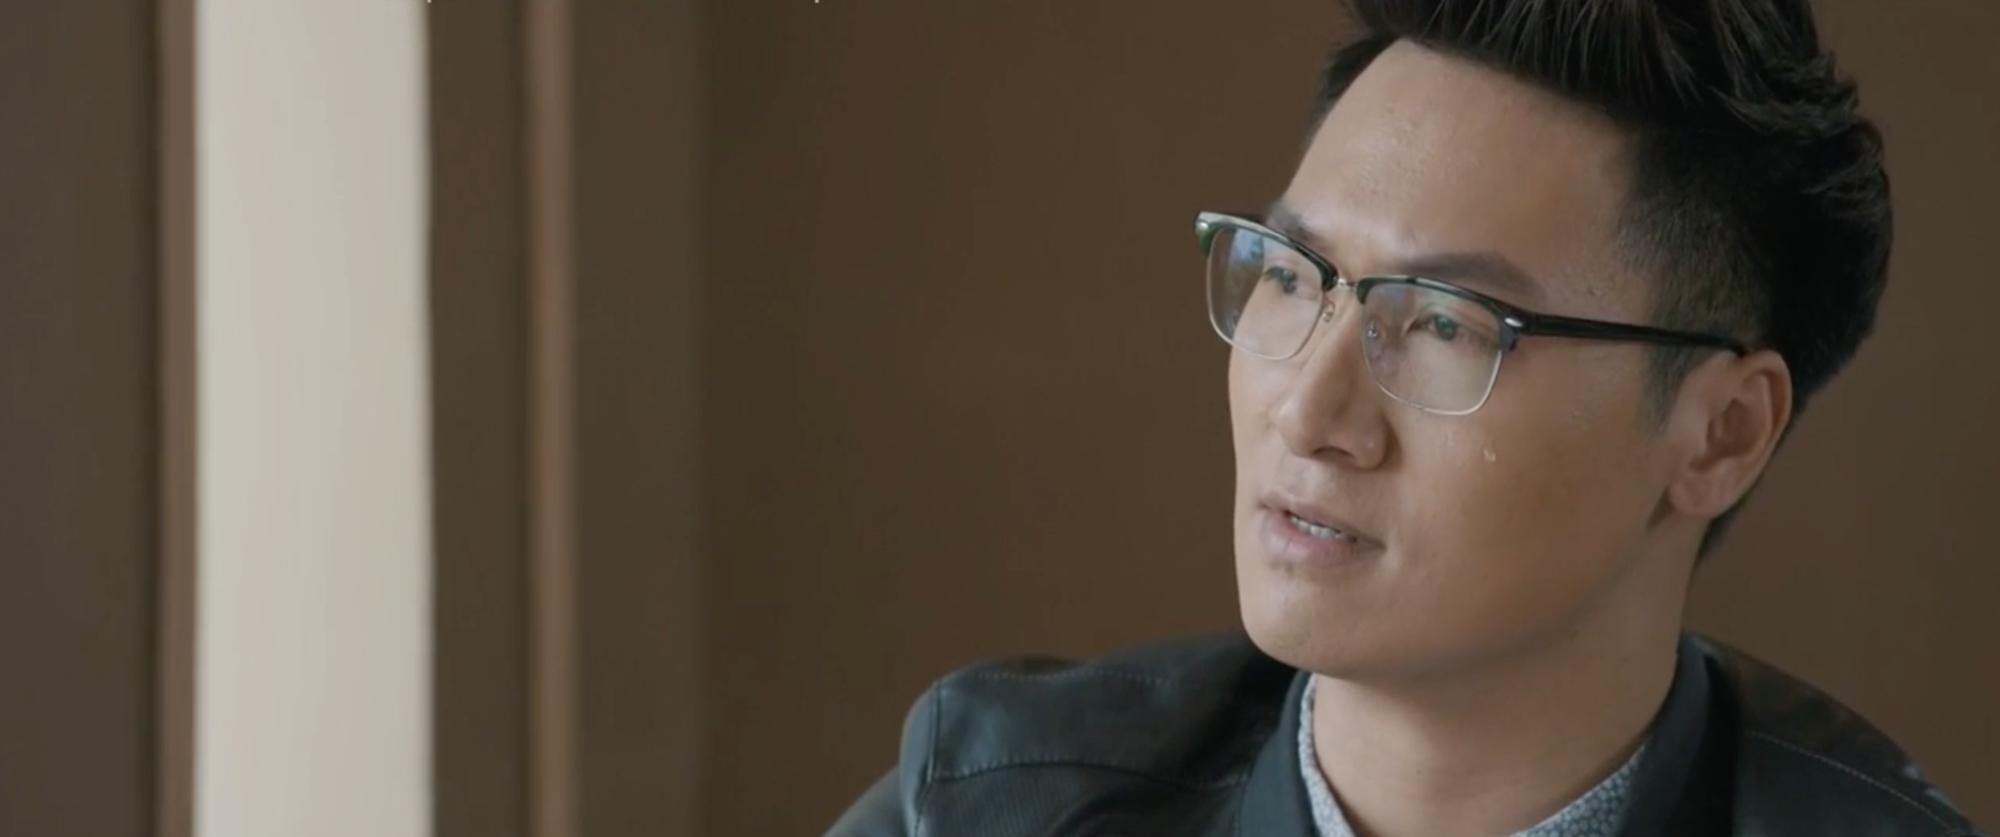 Lưu Đê Ly đối diện với nỗi ám ảnh cuộc đời, Huỳnh Anh nhanh chóng ra tay trong Chạy Trốn Thanh Xuân - Ảnh 6.